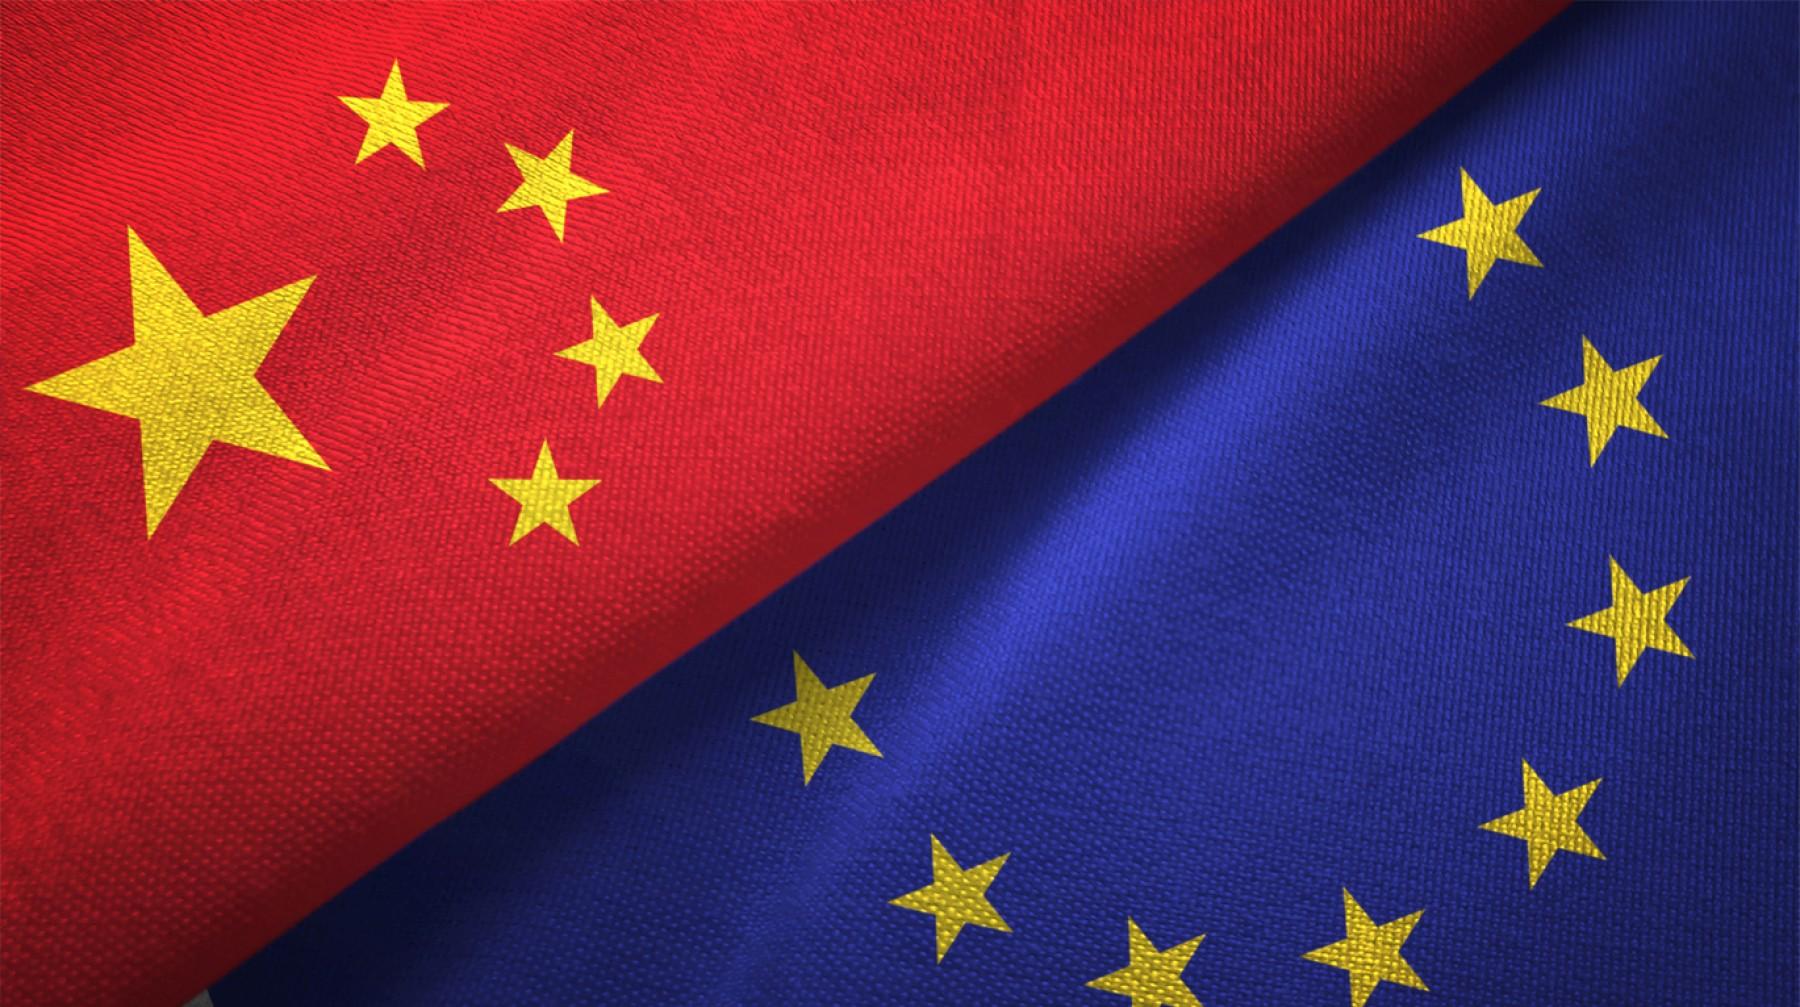 China se convirtió en 2020 el principal socio comercial de la UE y desplazó a EE.UU.